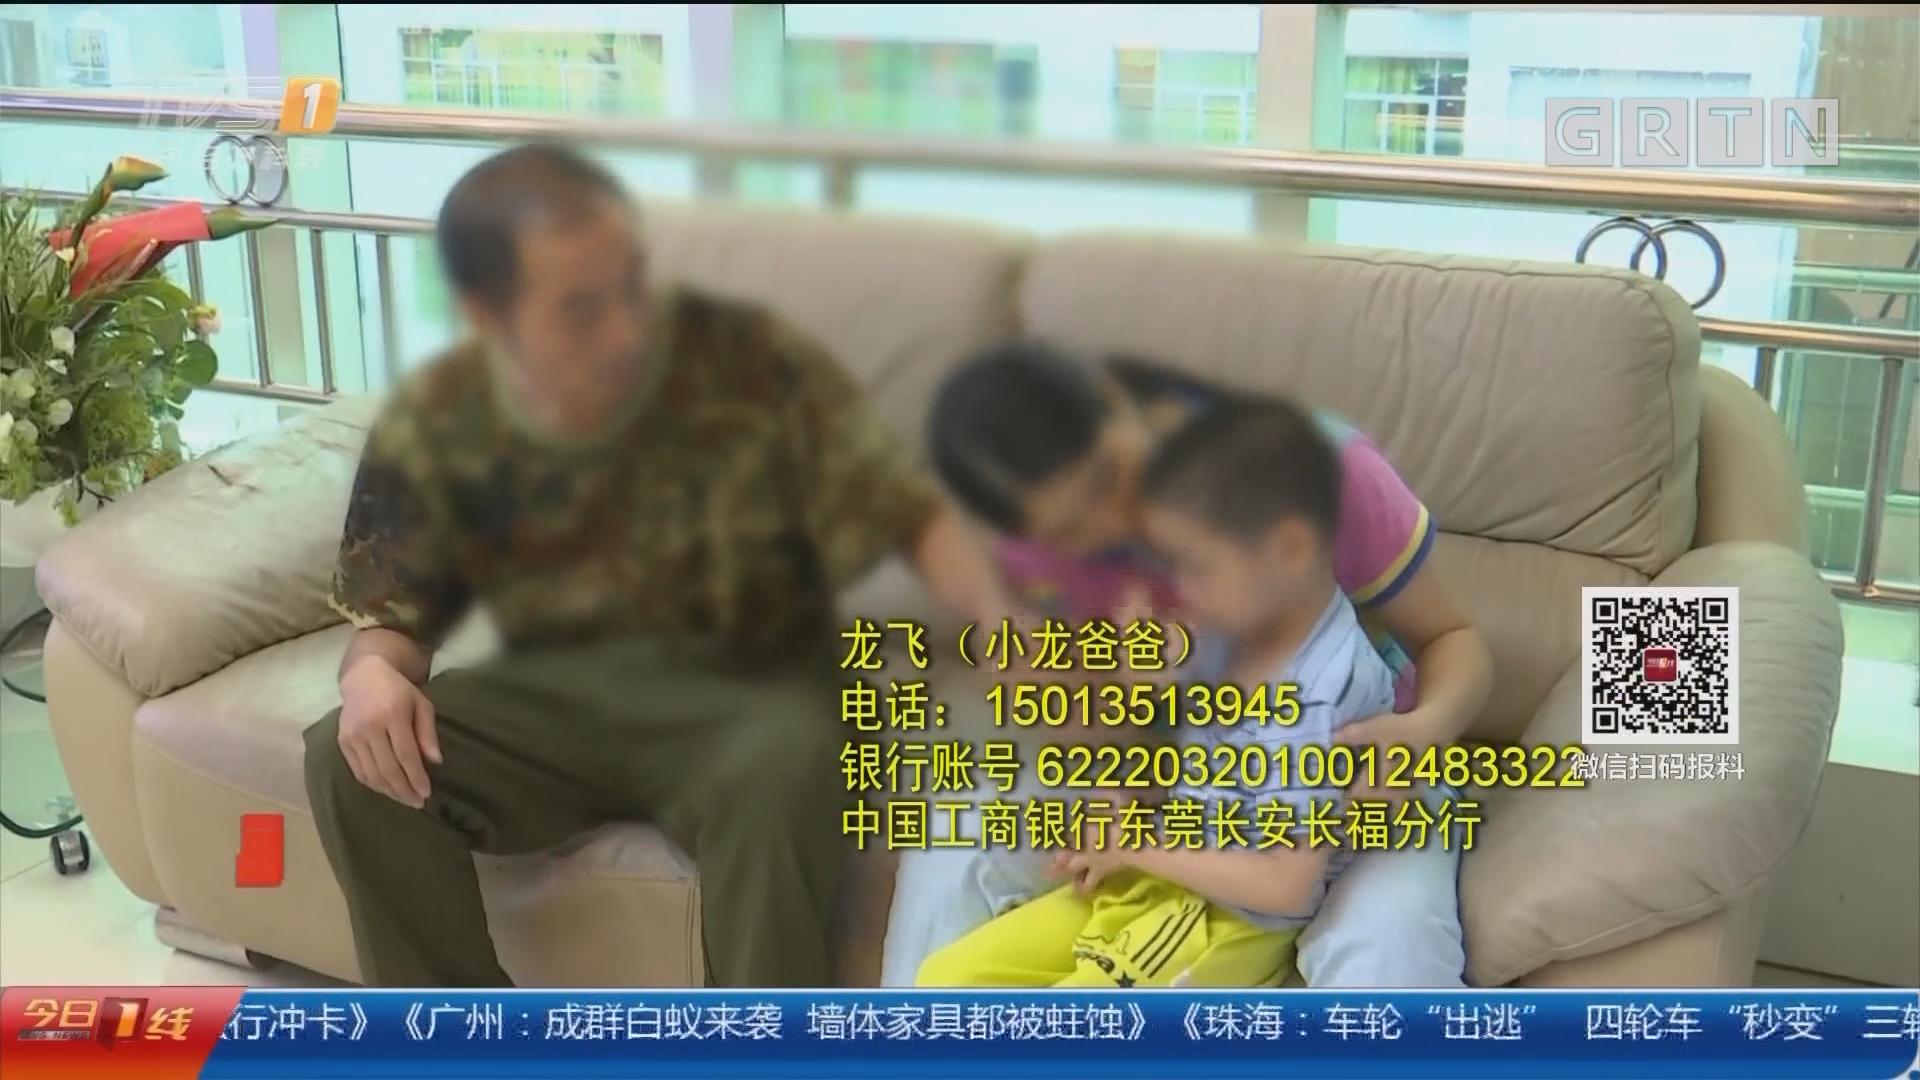 广州:烫伤留下大片疤痕 5岁男孩期盼援助